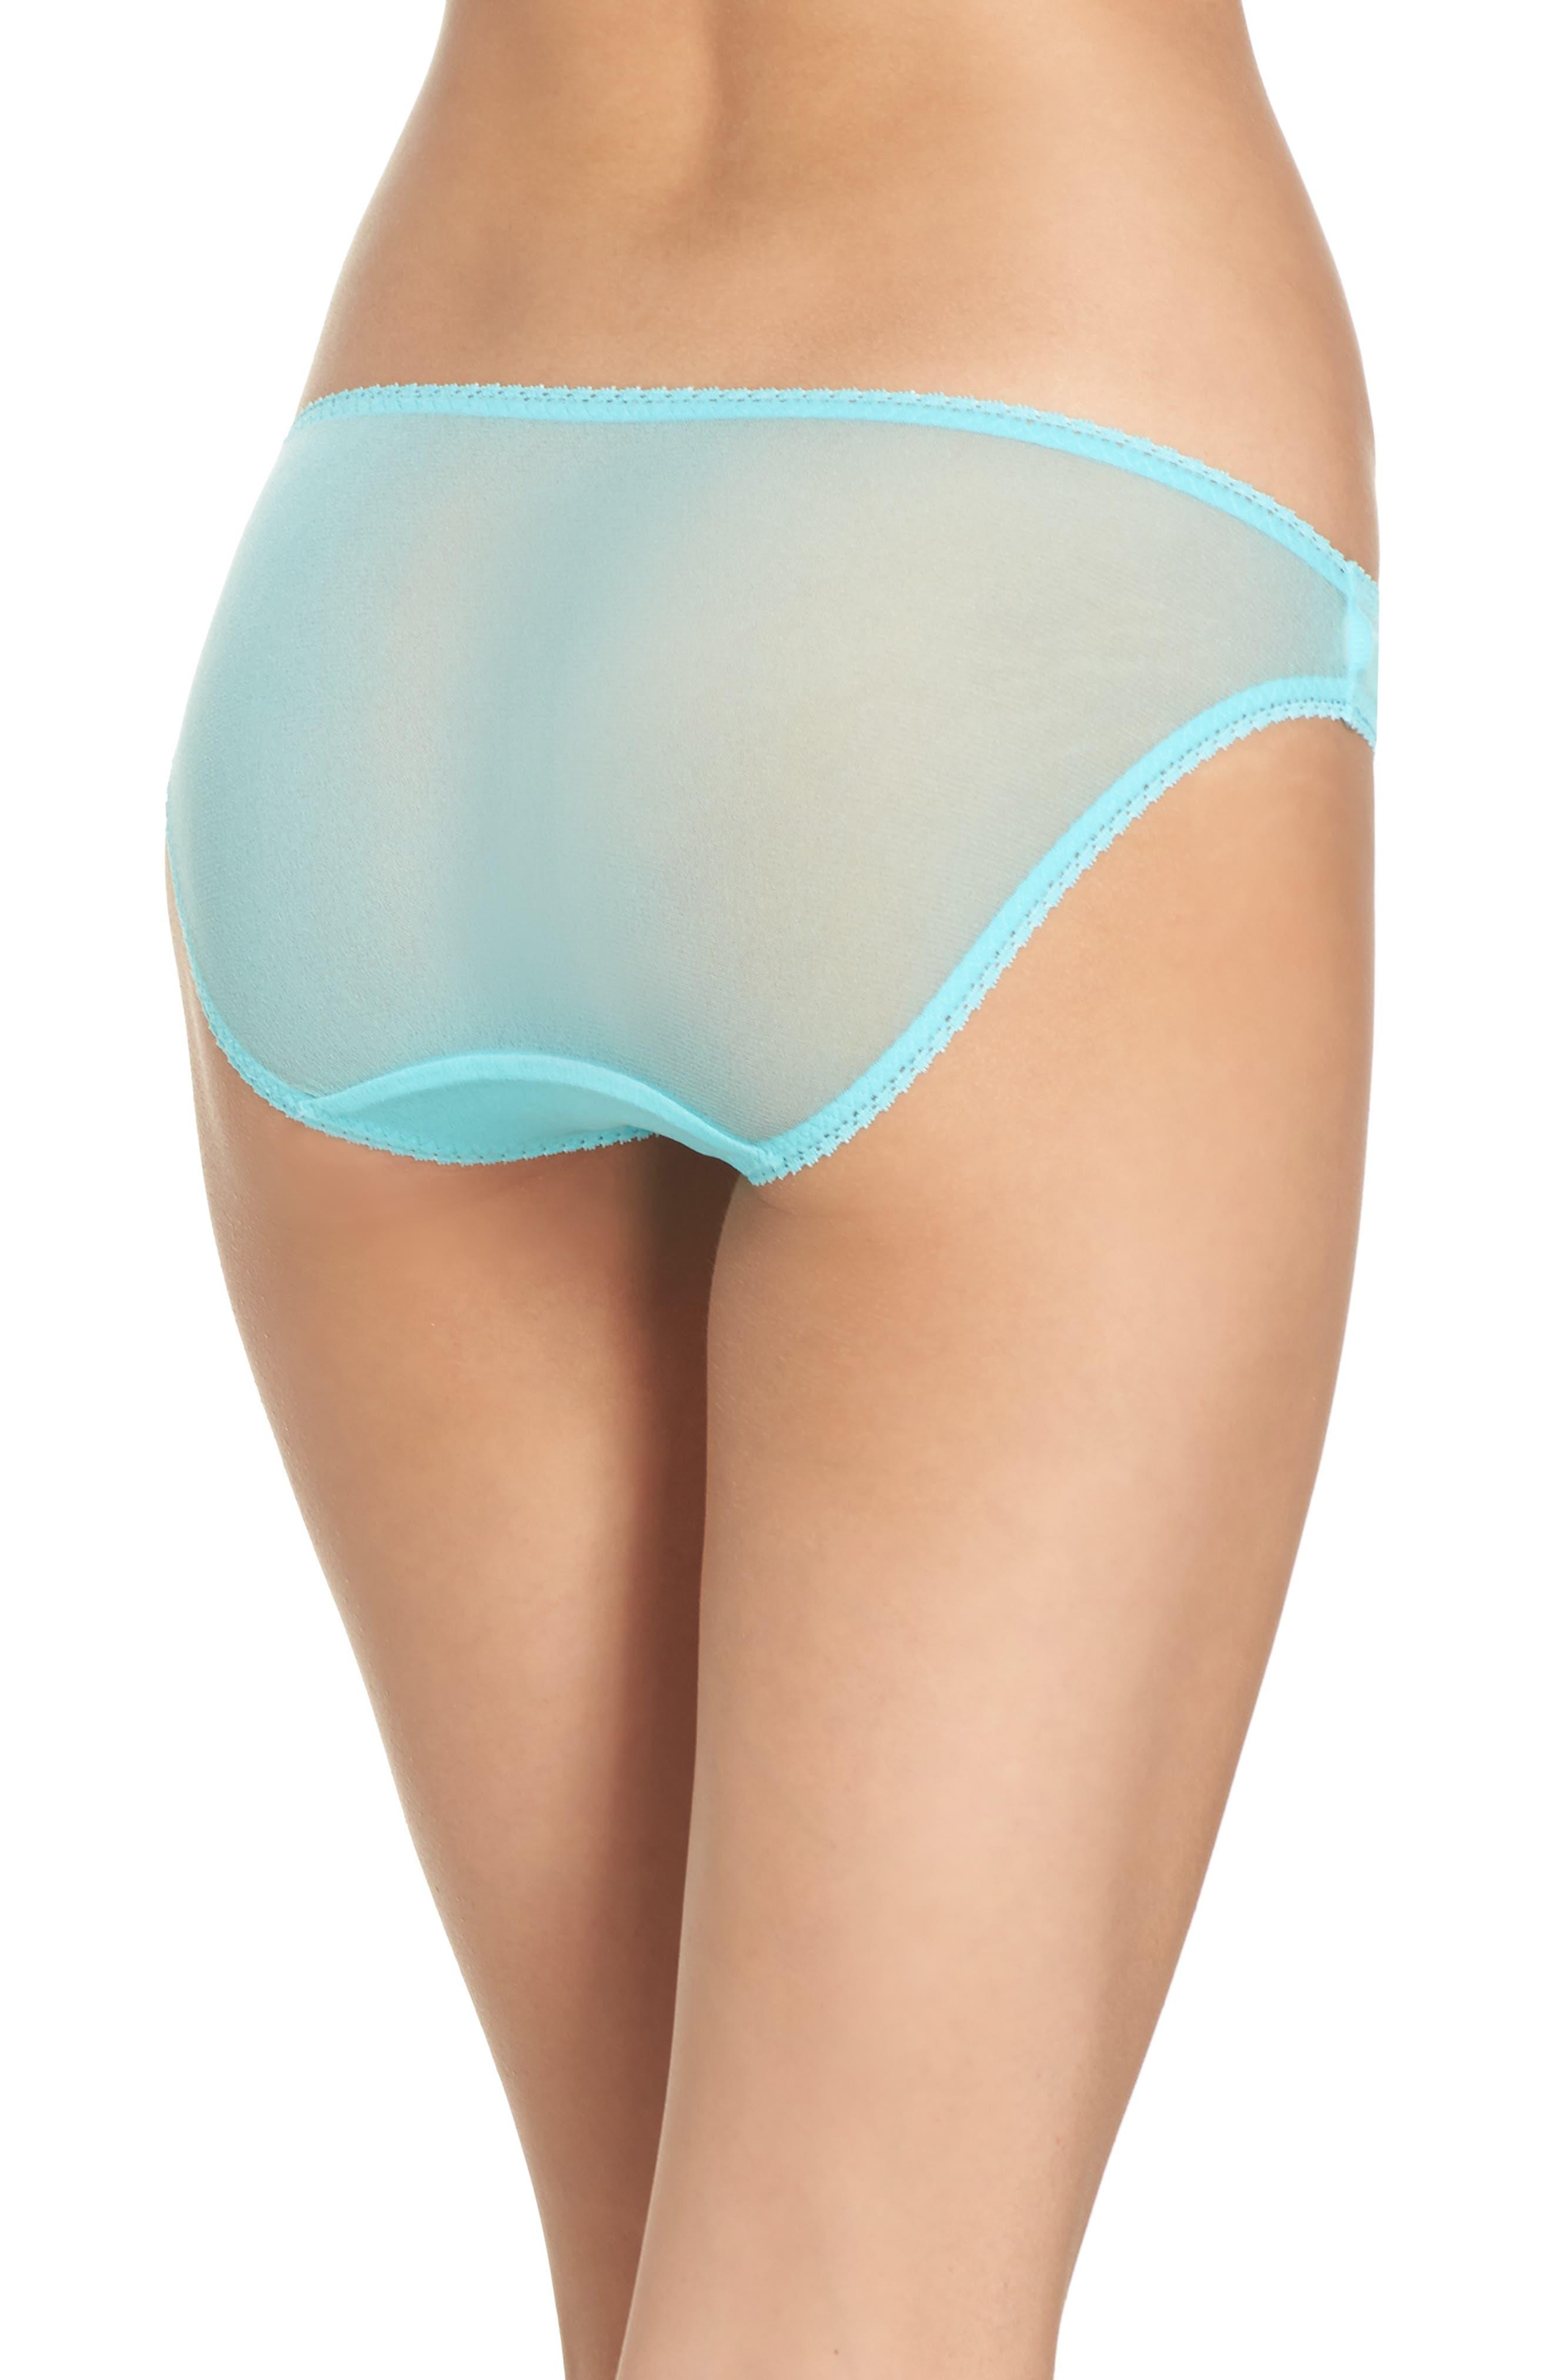 Alternate Image 2  - On Gossamer Mesh Bikini (3 for $45)